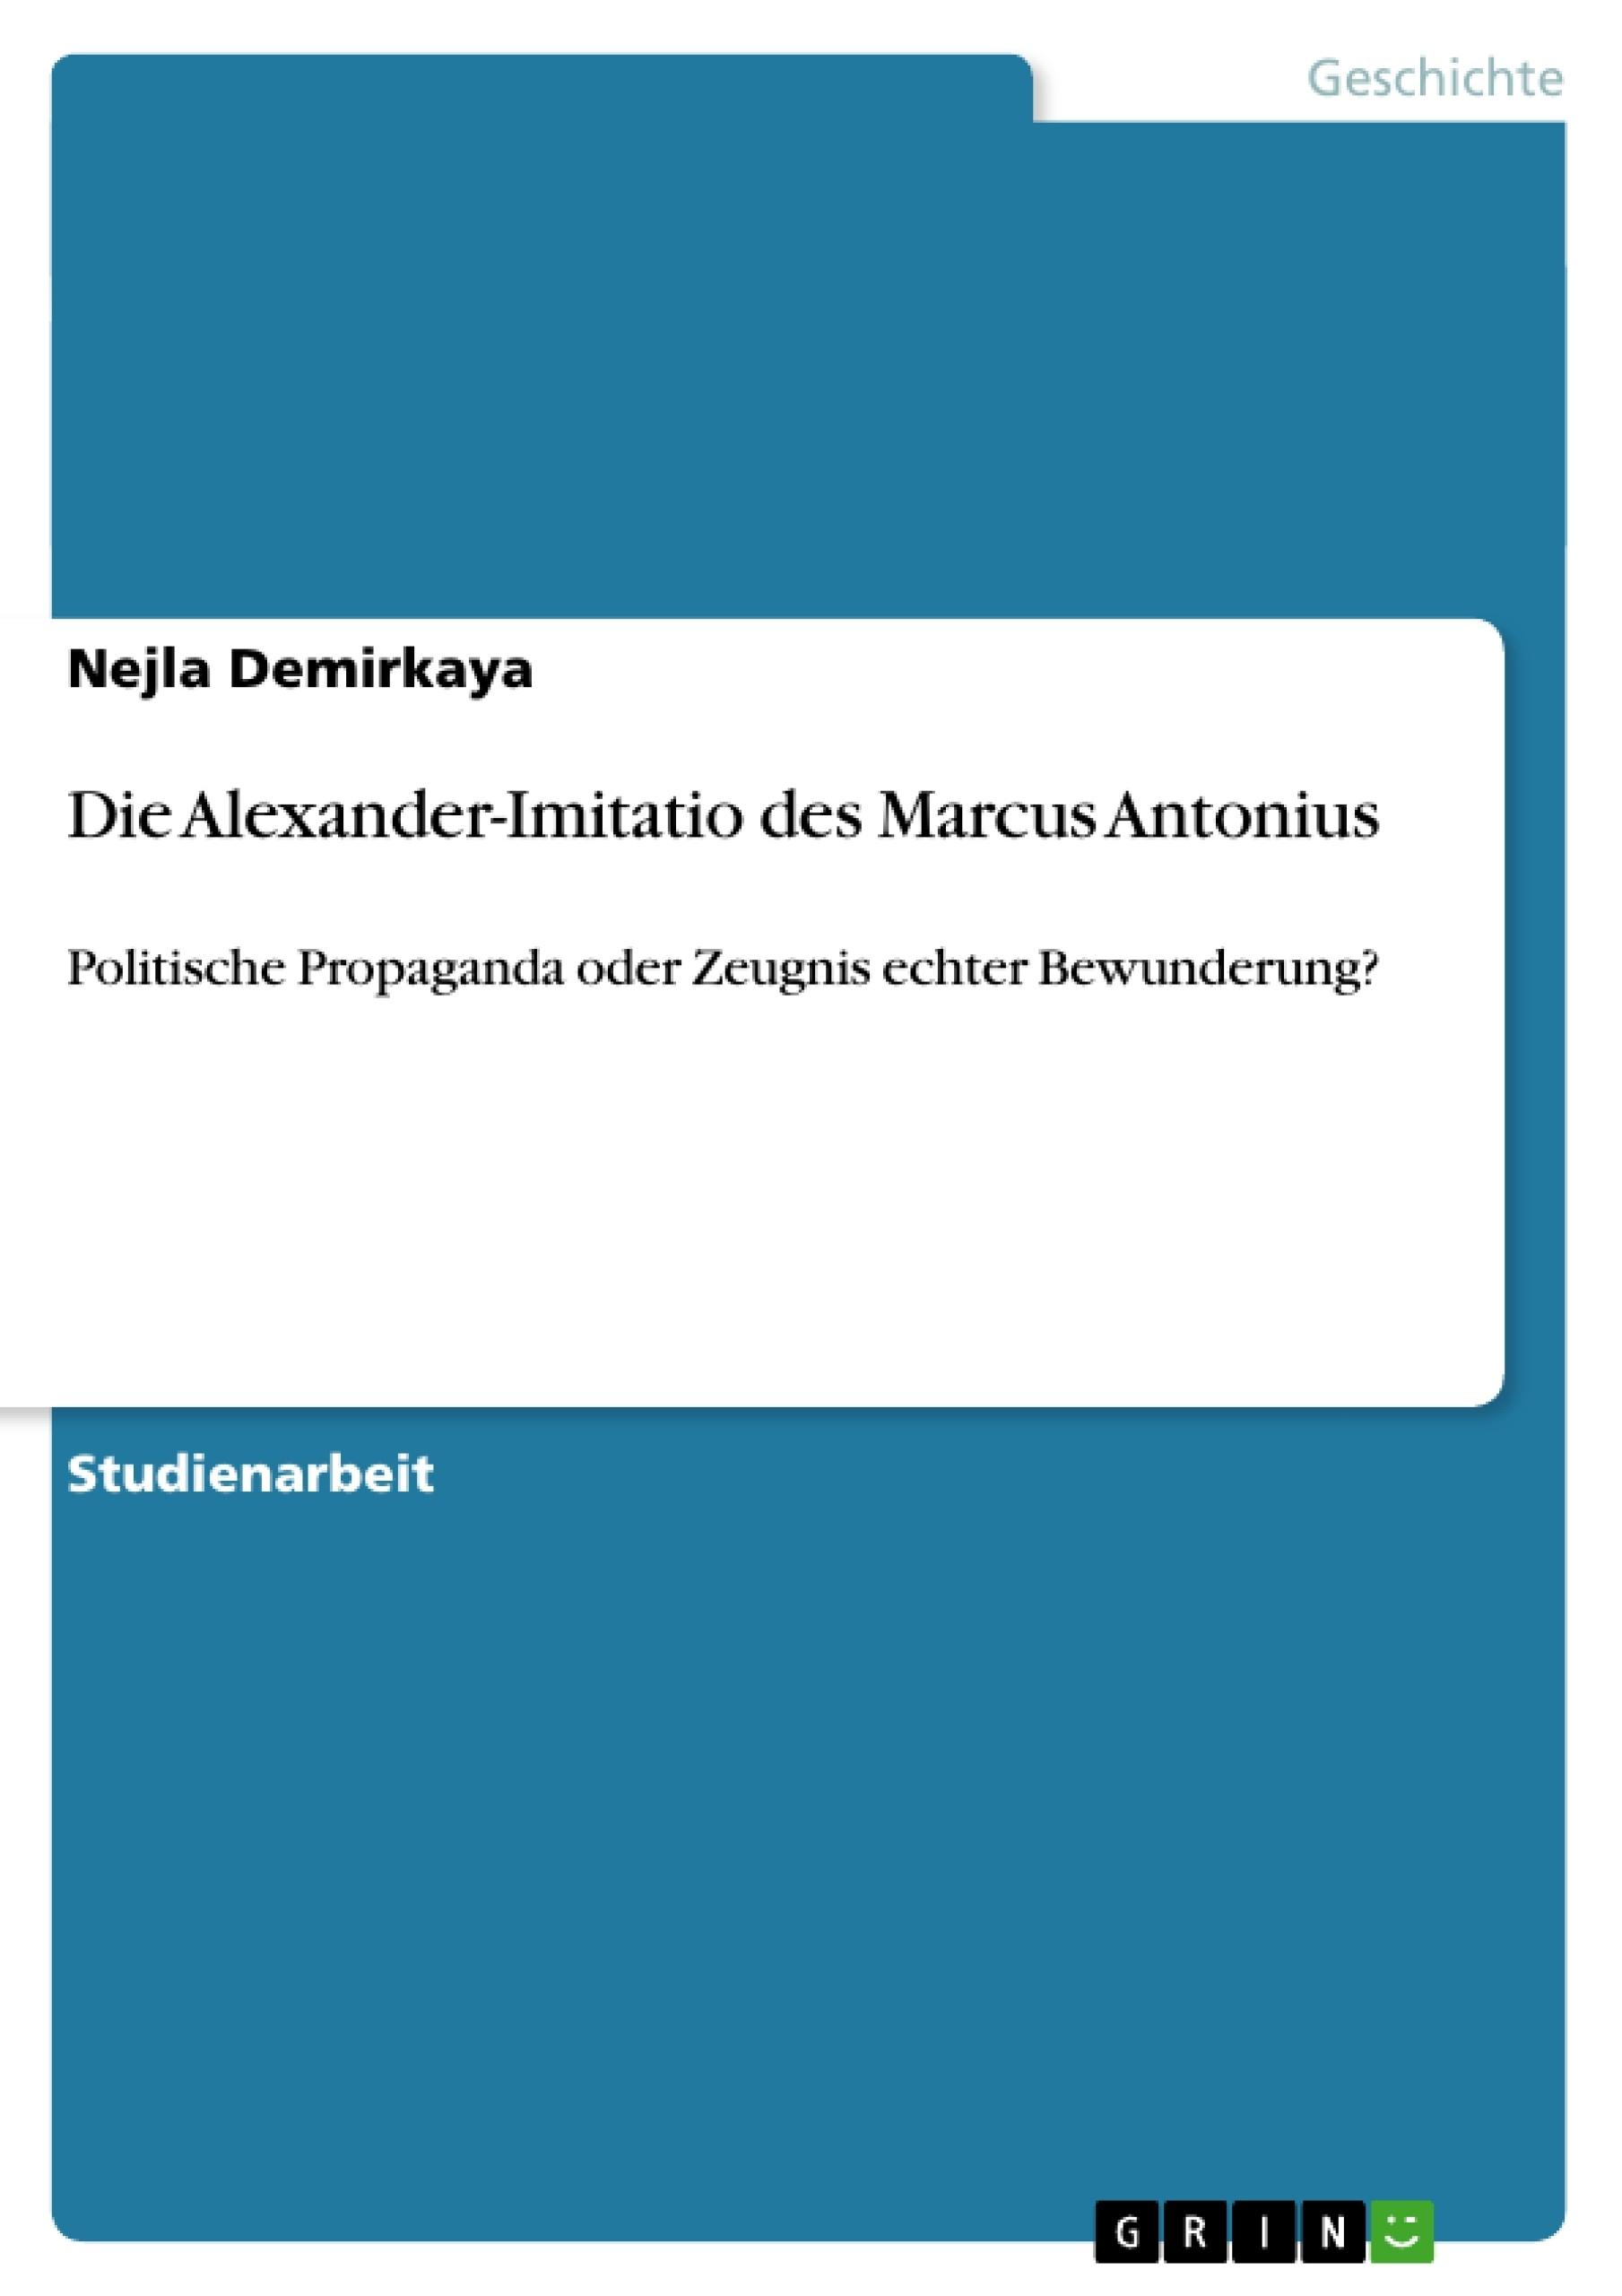 Titel: Die Alexander-Imitatio des Marcus Antonius